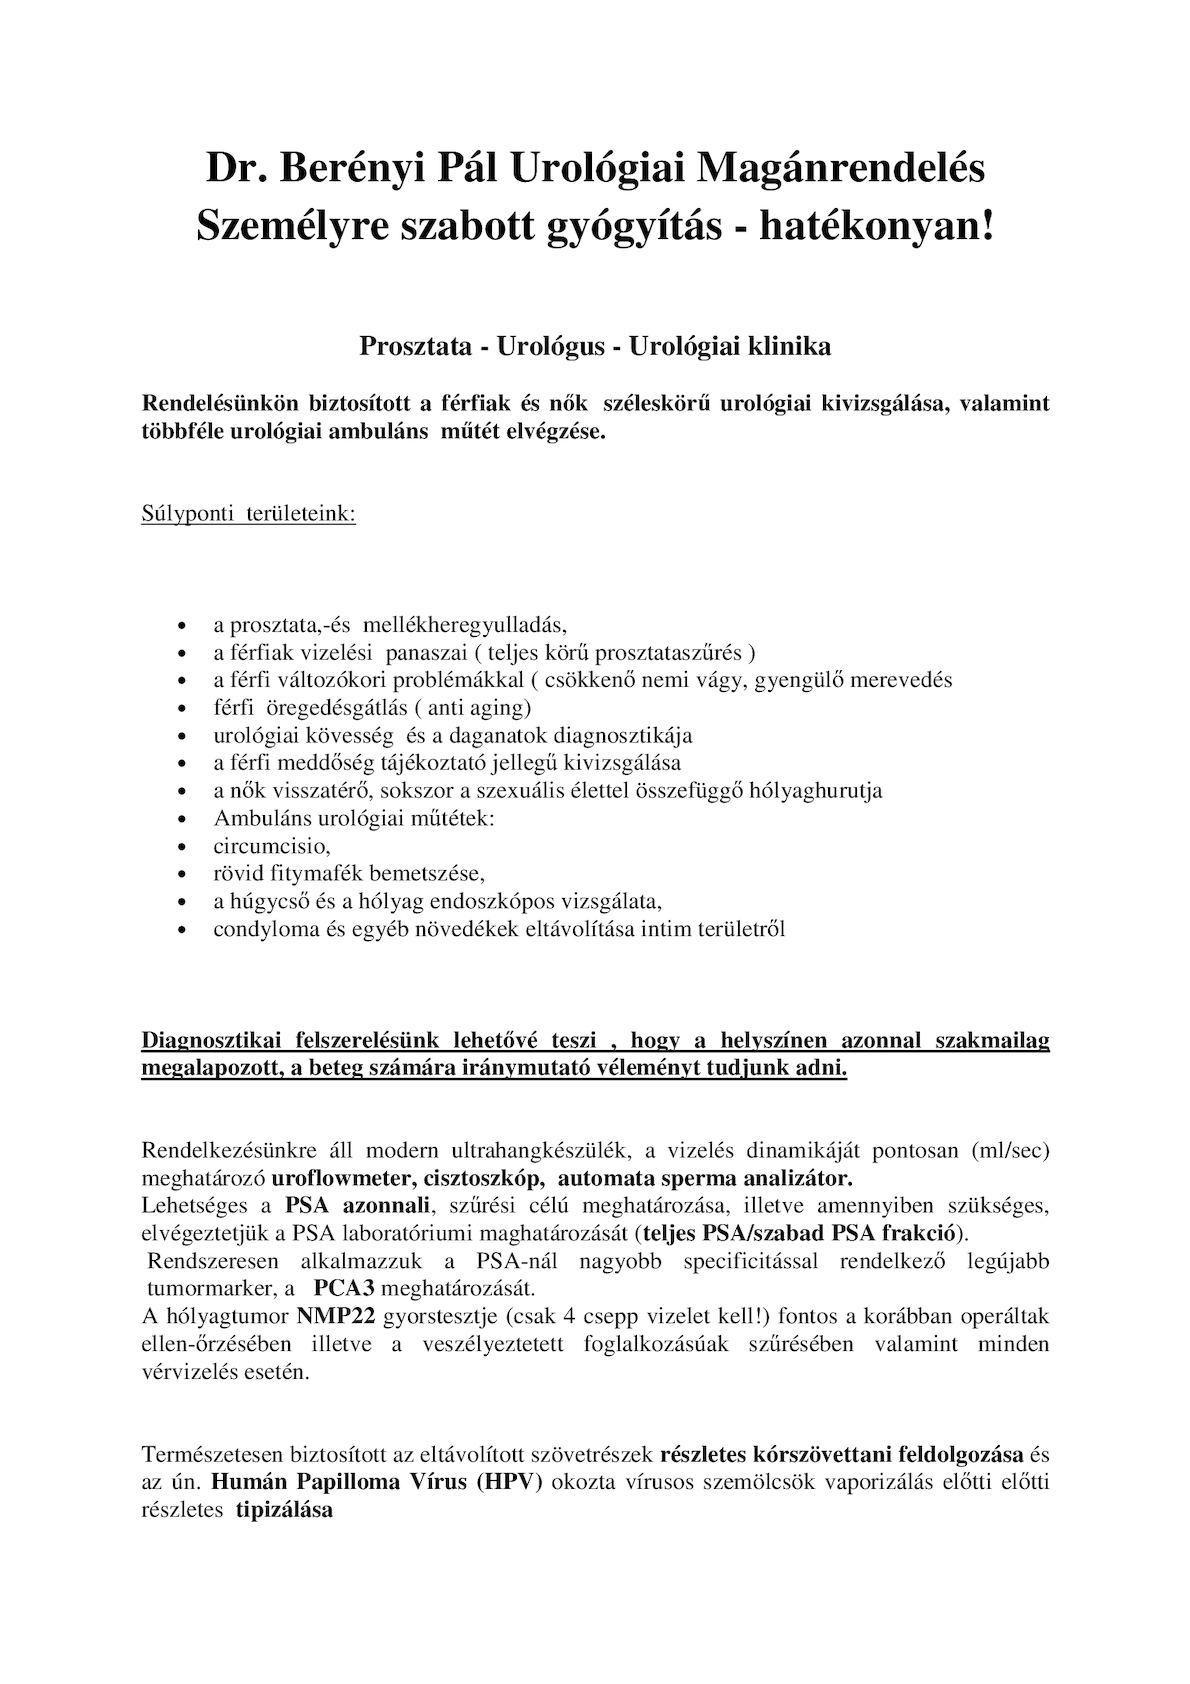 Papilloma vírus ambuláns beavatkozása - Gyermekvállalás?